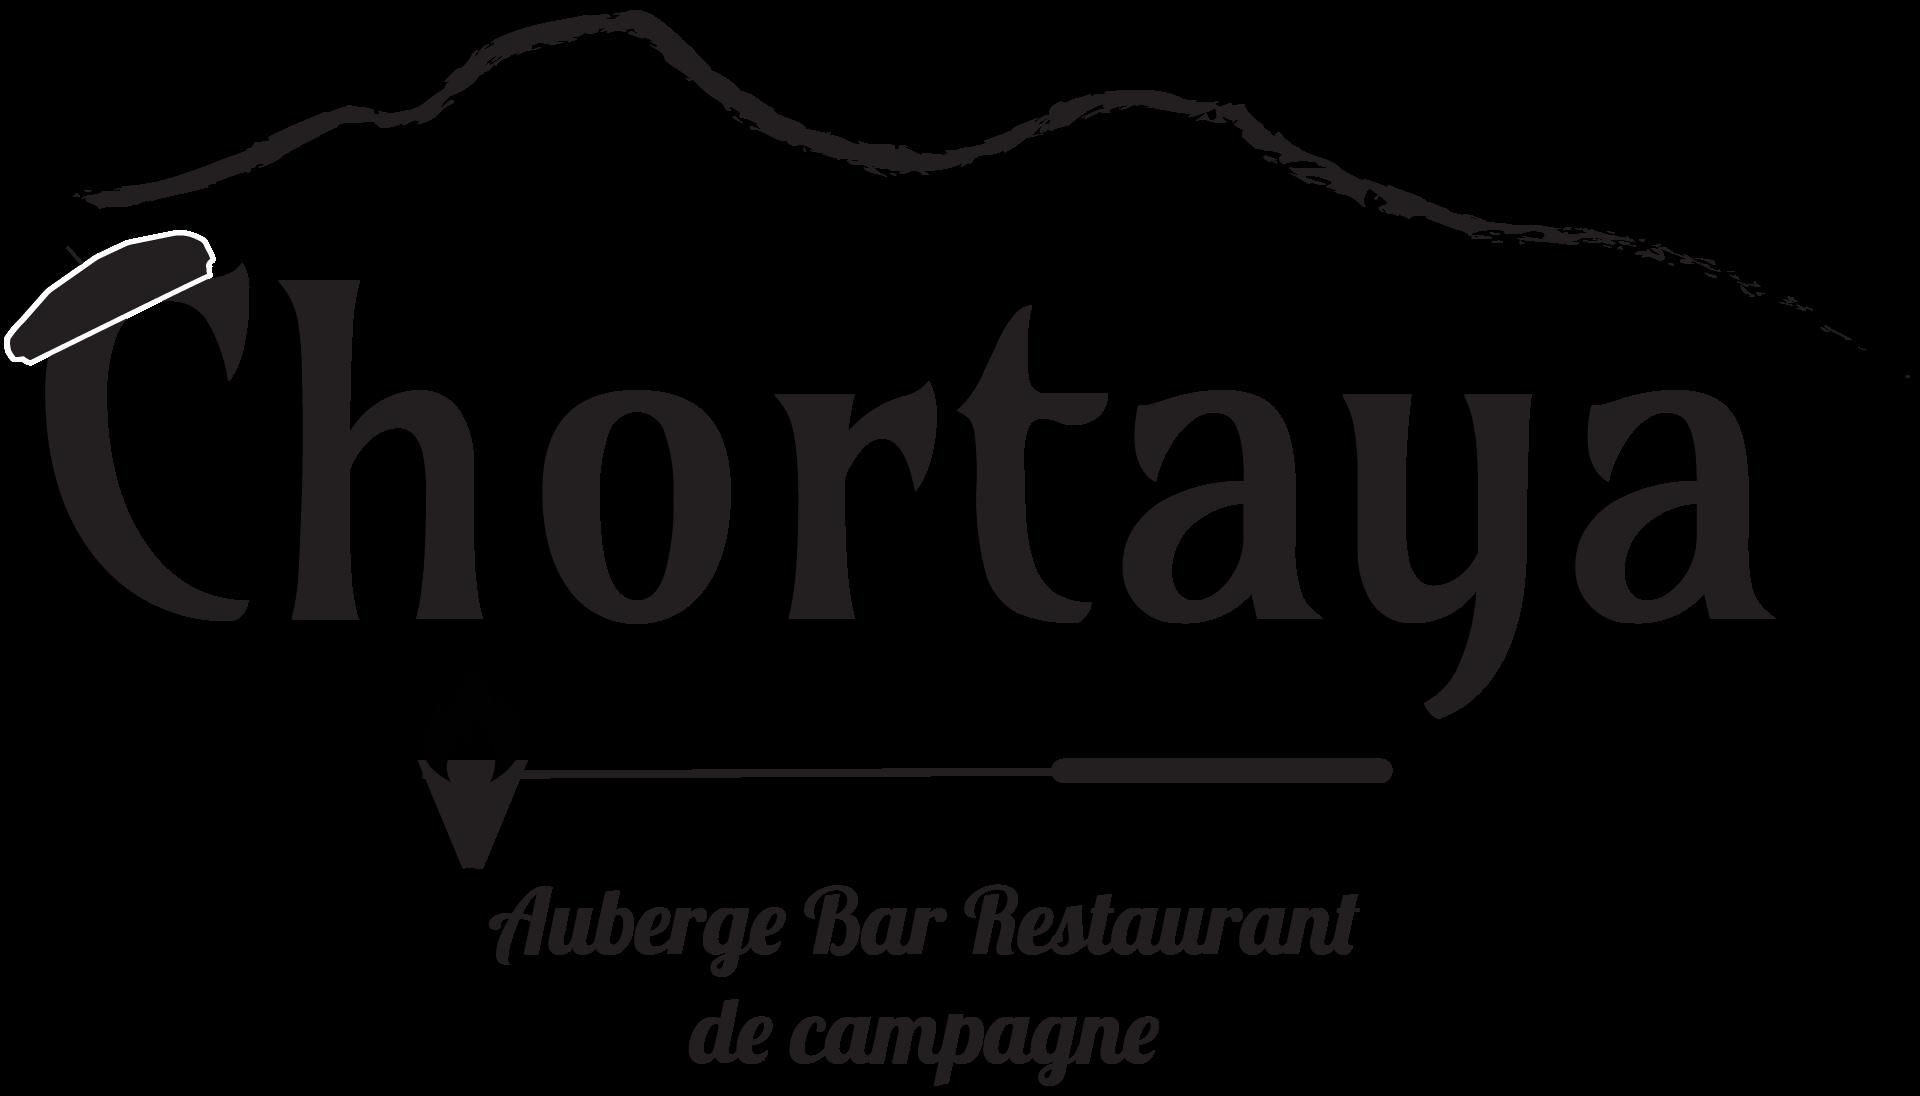 logo auberge chortaya noir